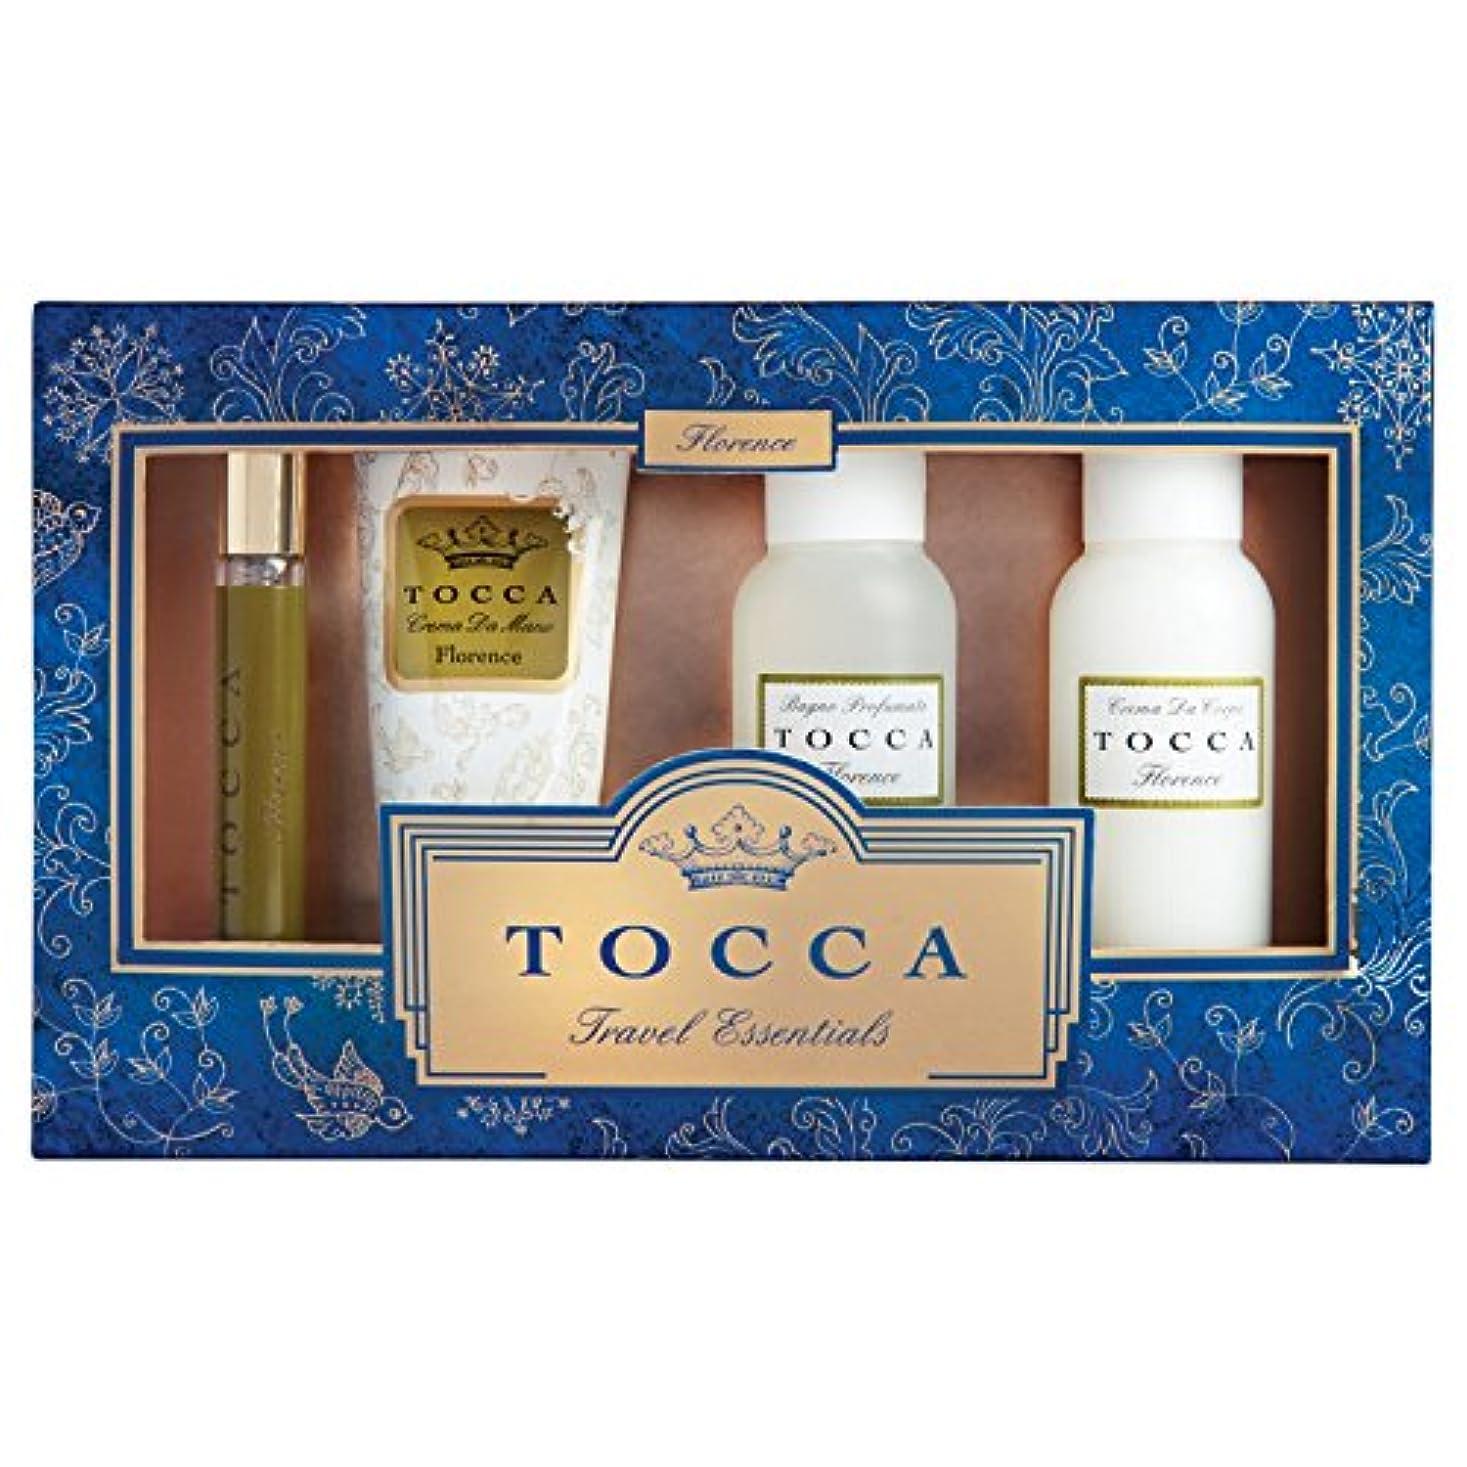 異議昇進取り囲むトッカ(TOCCA) トラベルエッセンシャルズセットギルディッド フローレンスの香り (限定コフレ?ギフト)